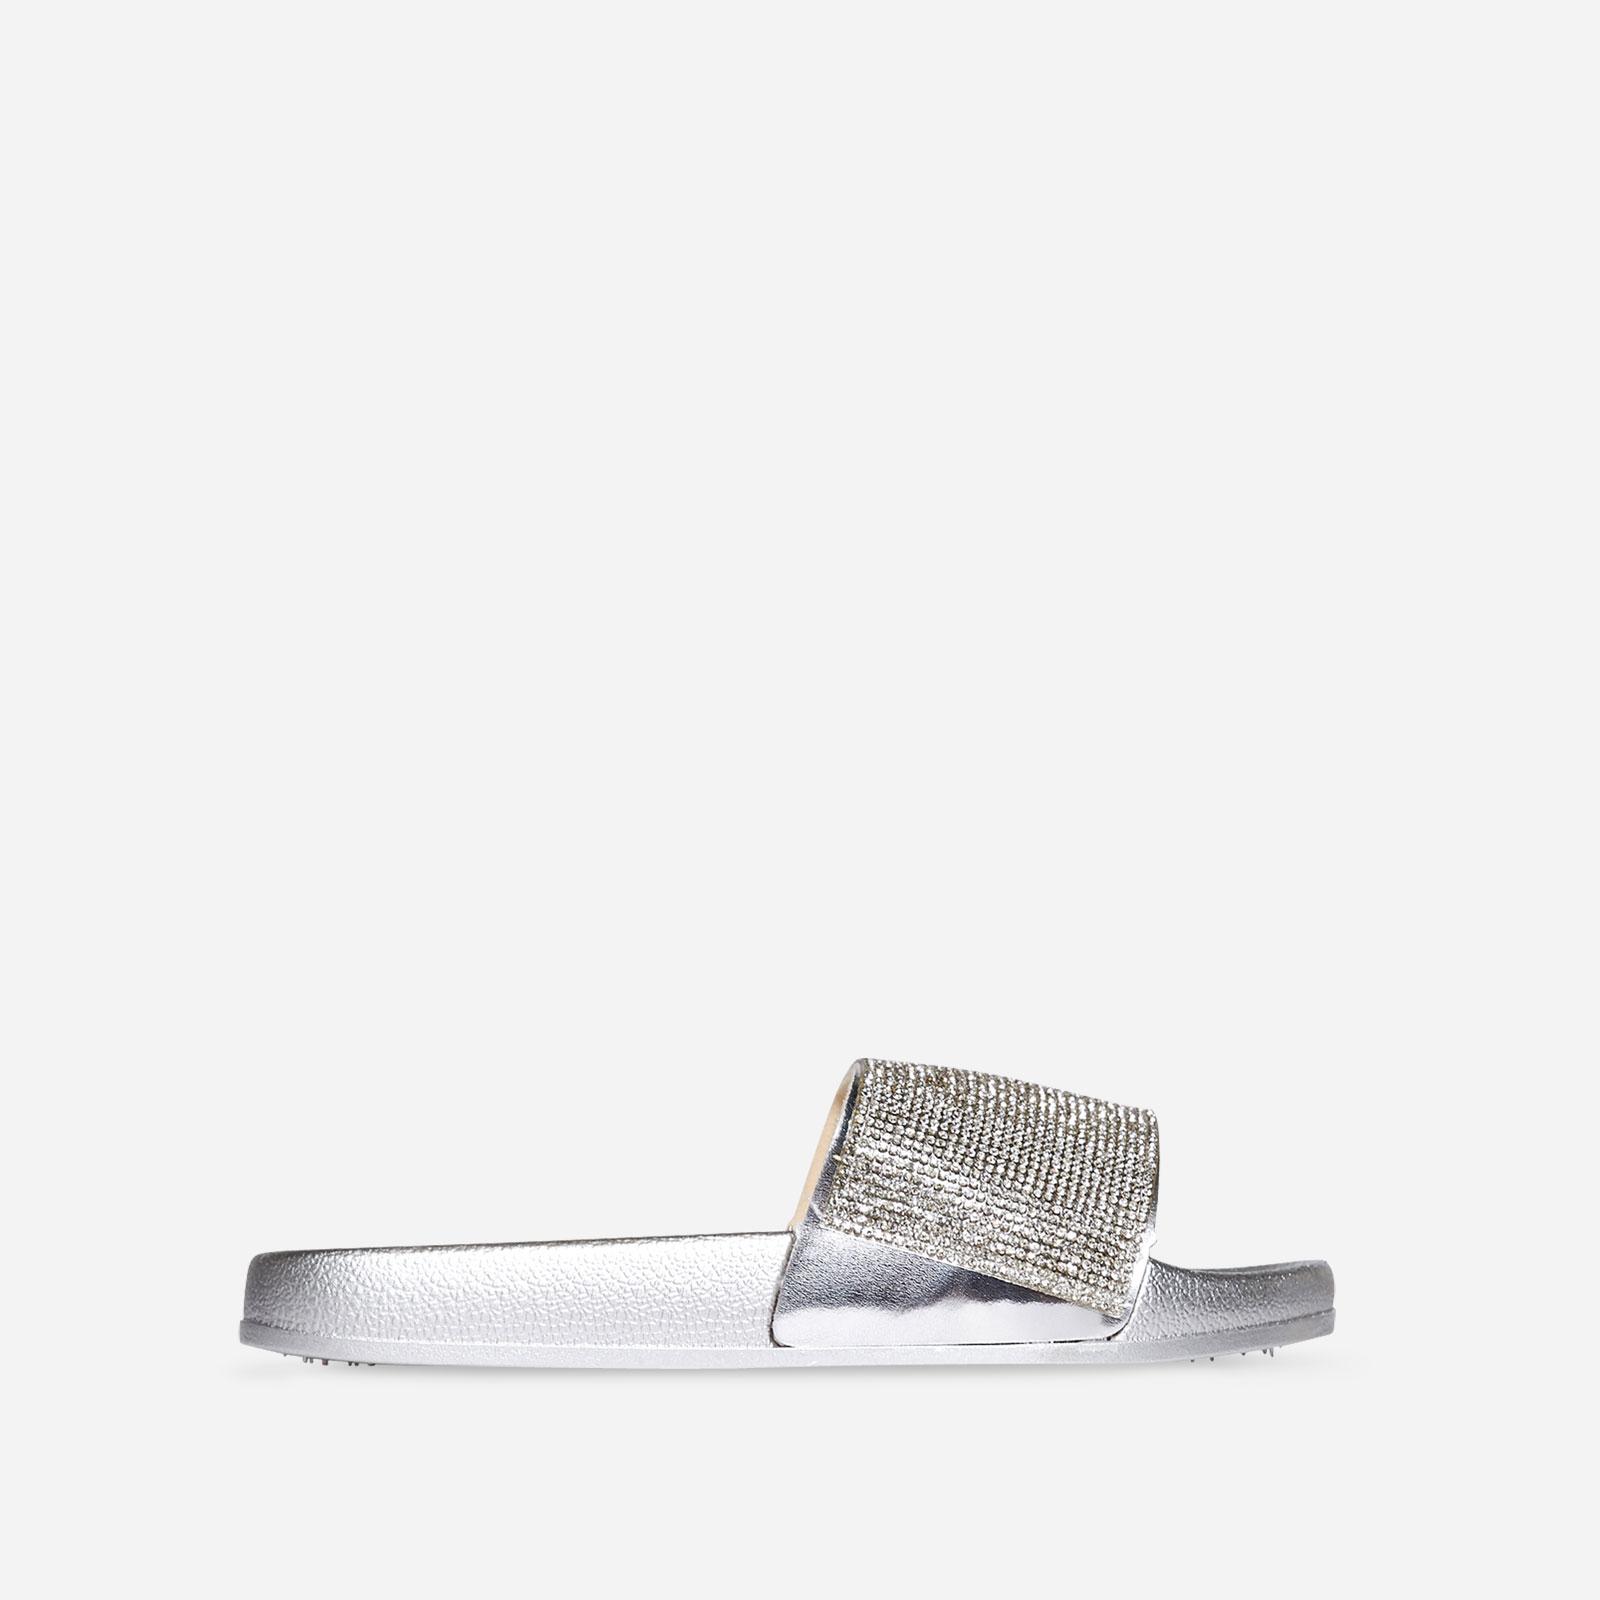 Vibe Diamante Slider In Silver Rubber Image 1